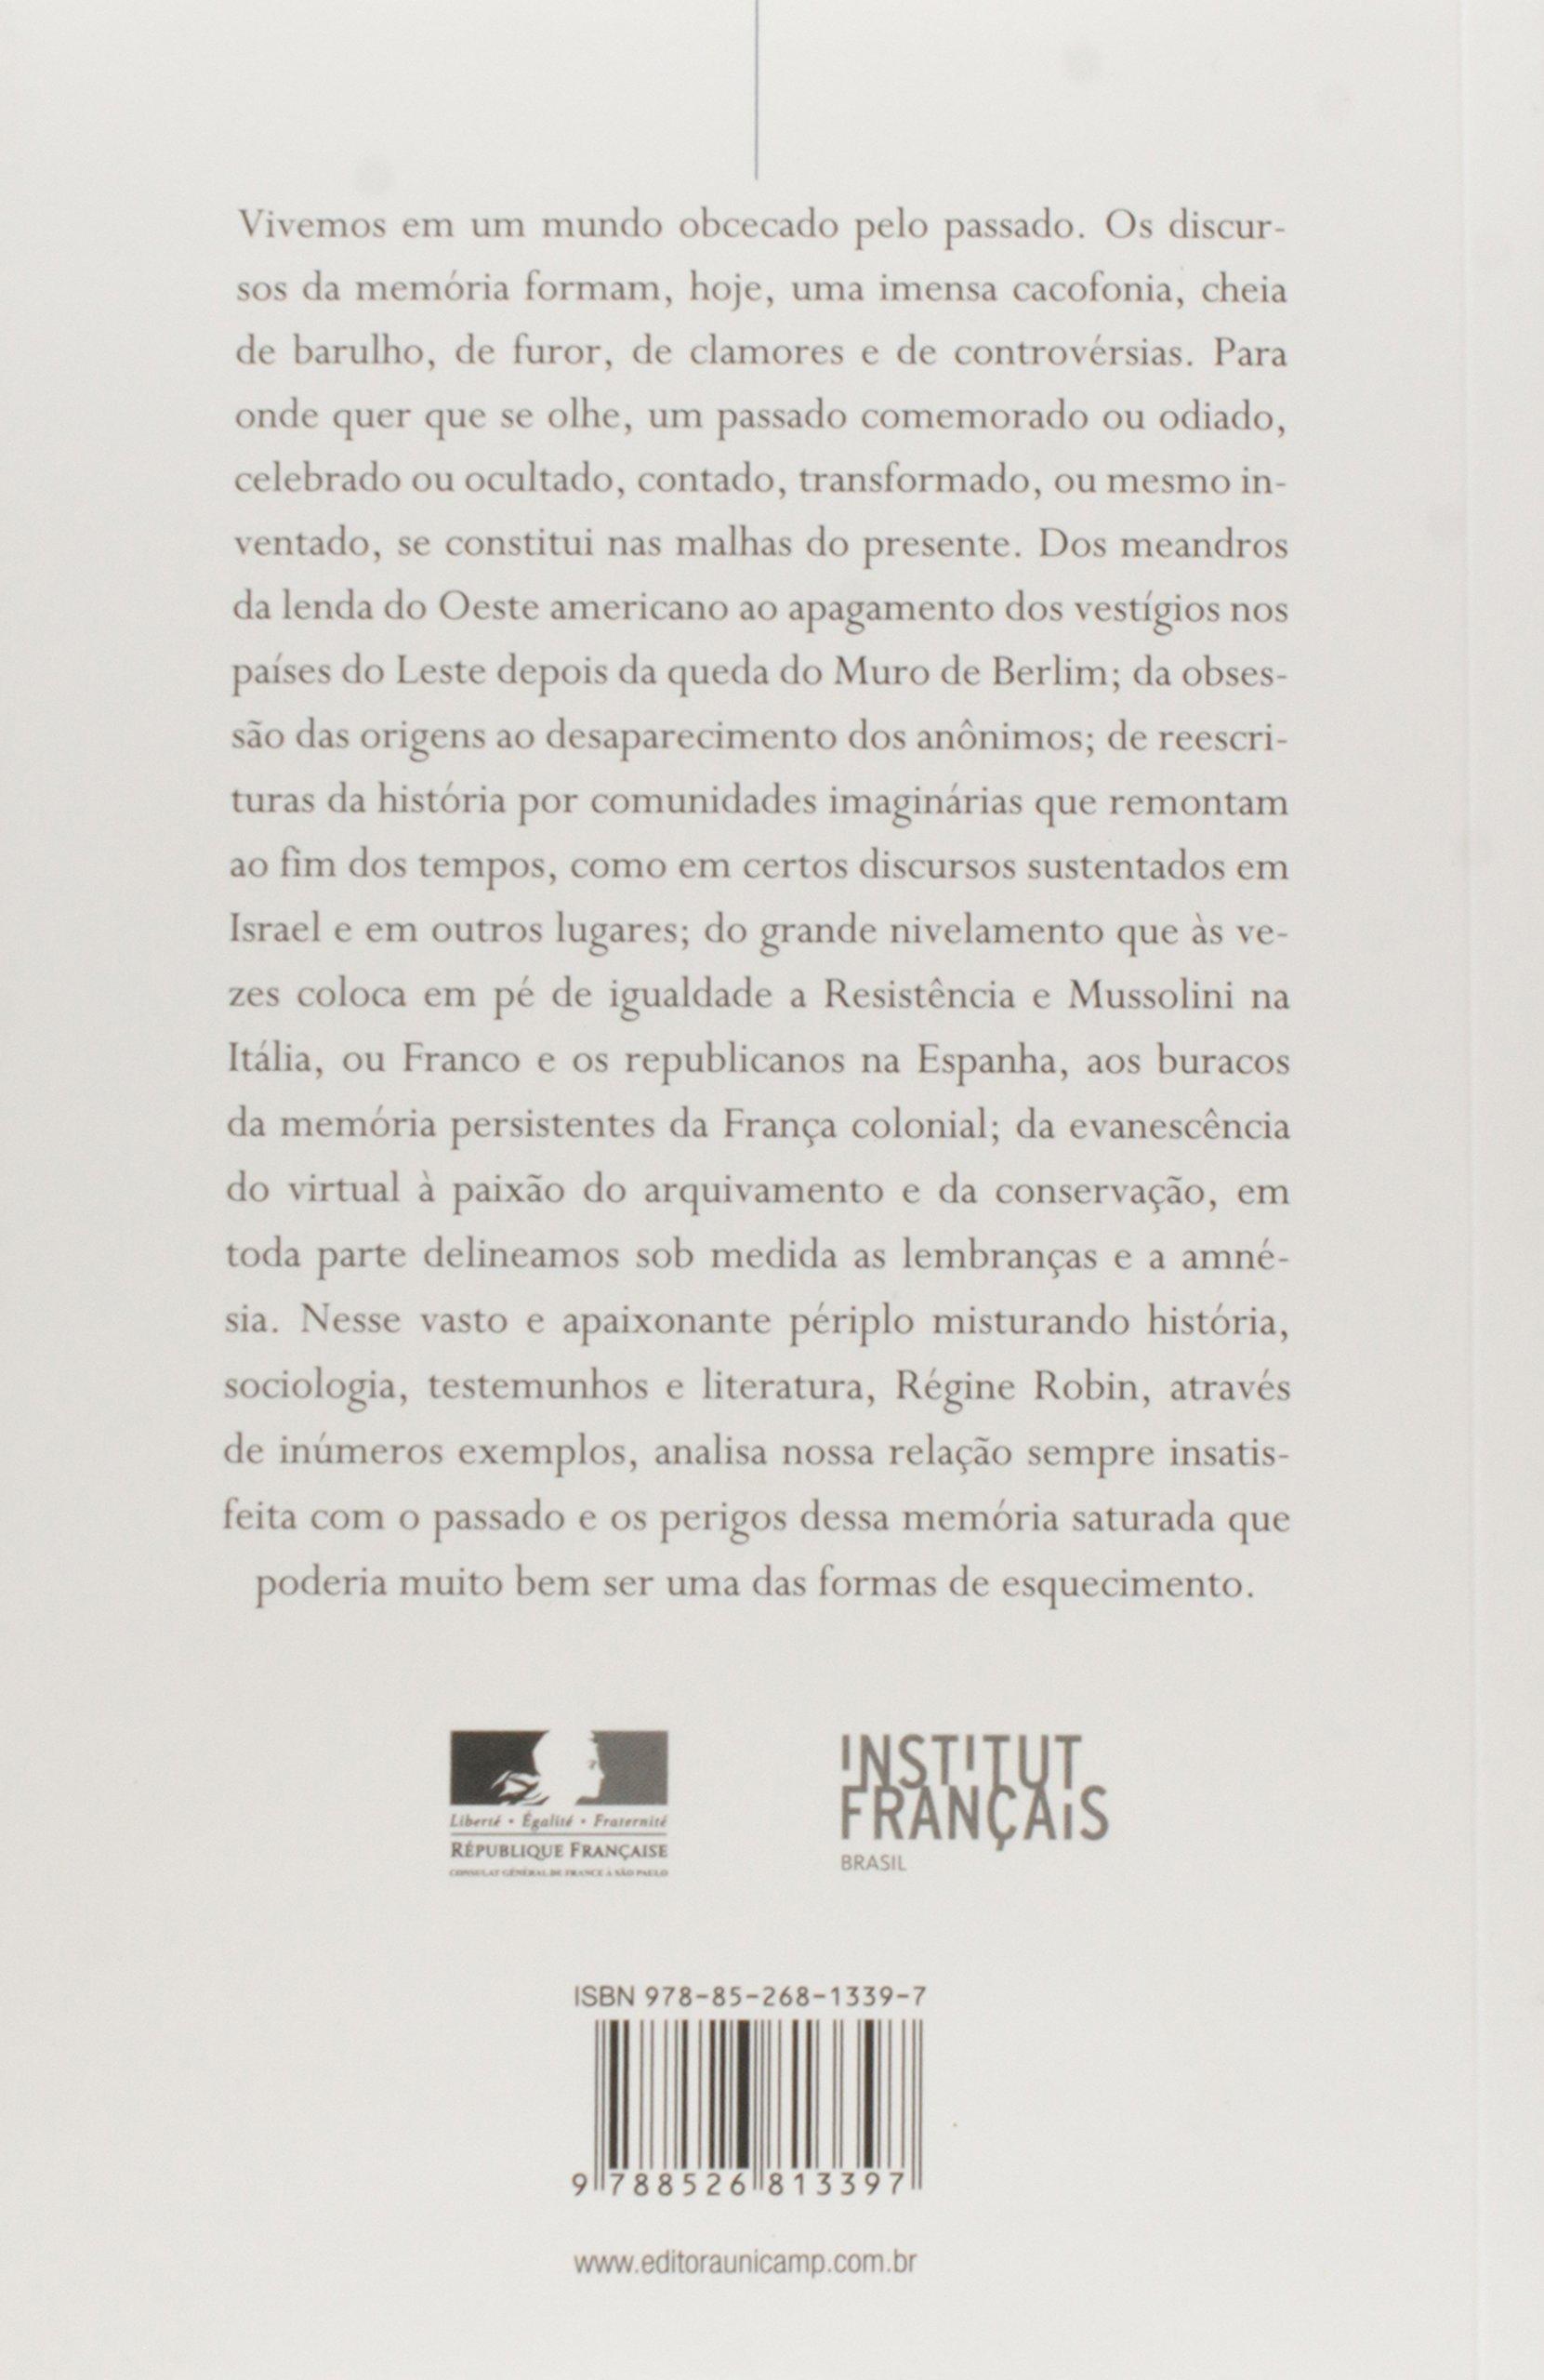 A Memória Saturada: Amazon.es: Régine Robin: Libros